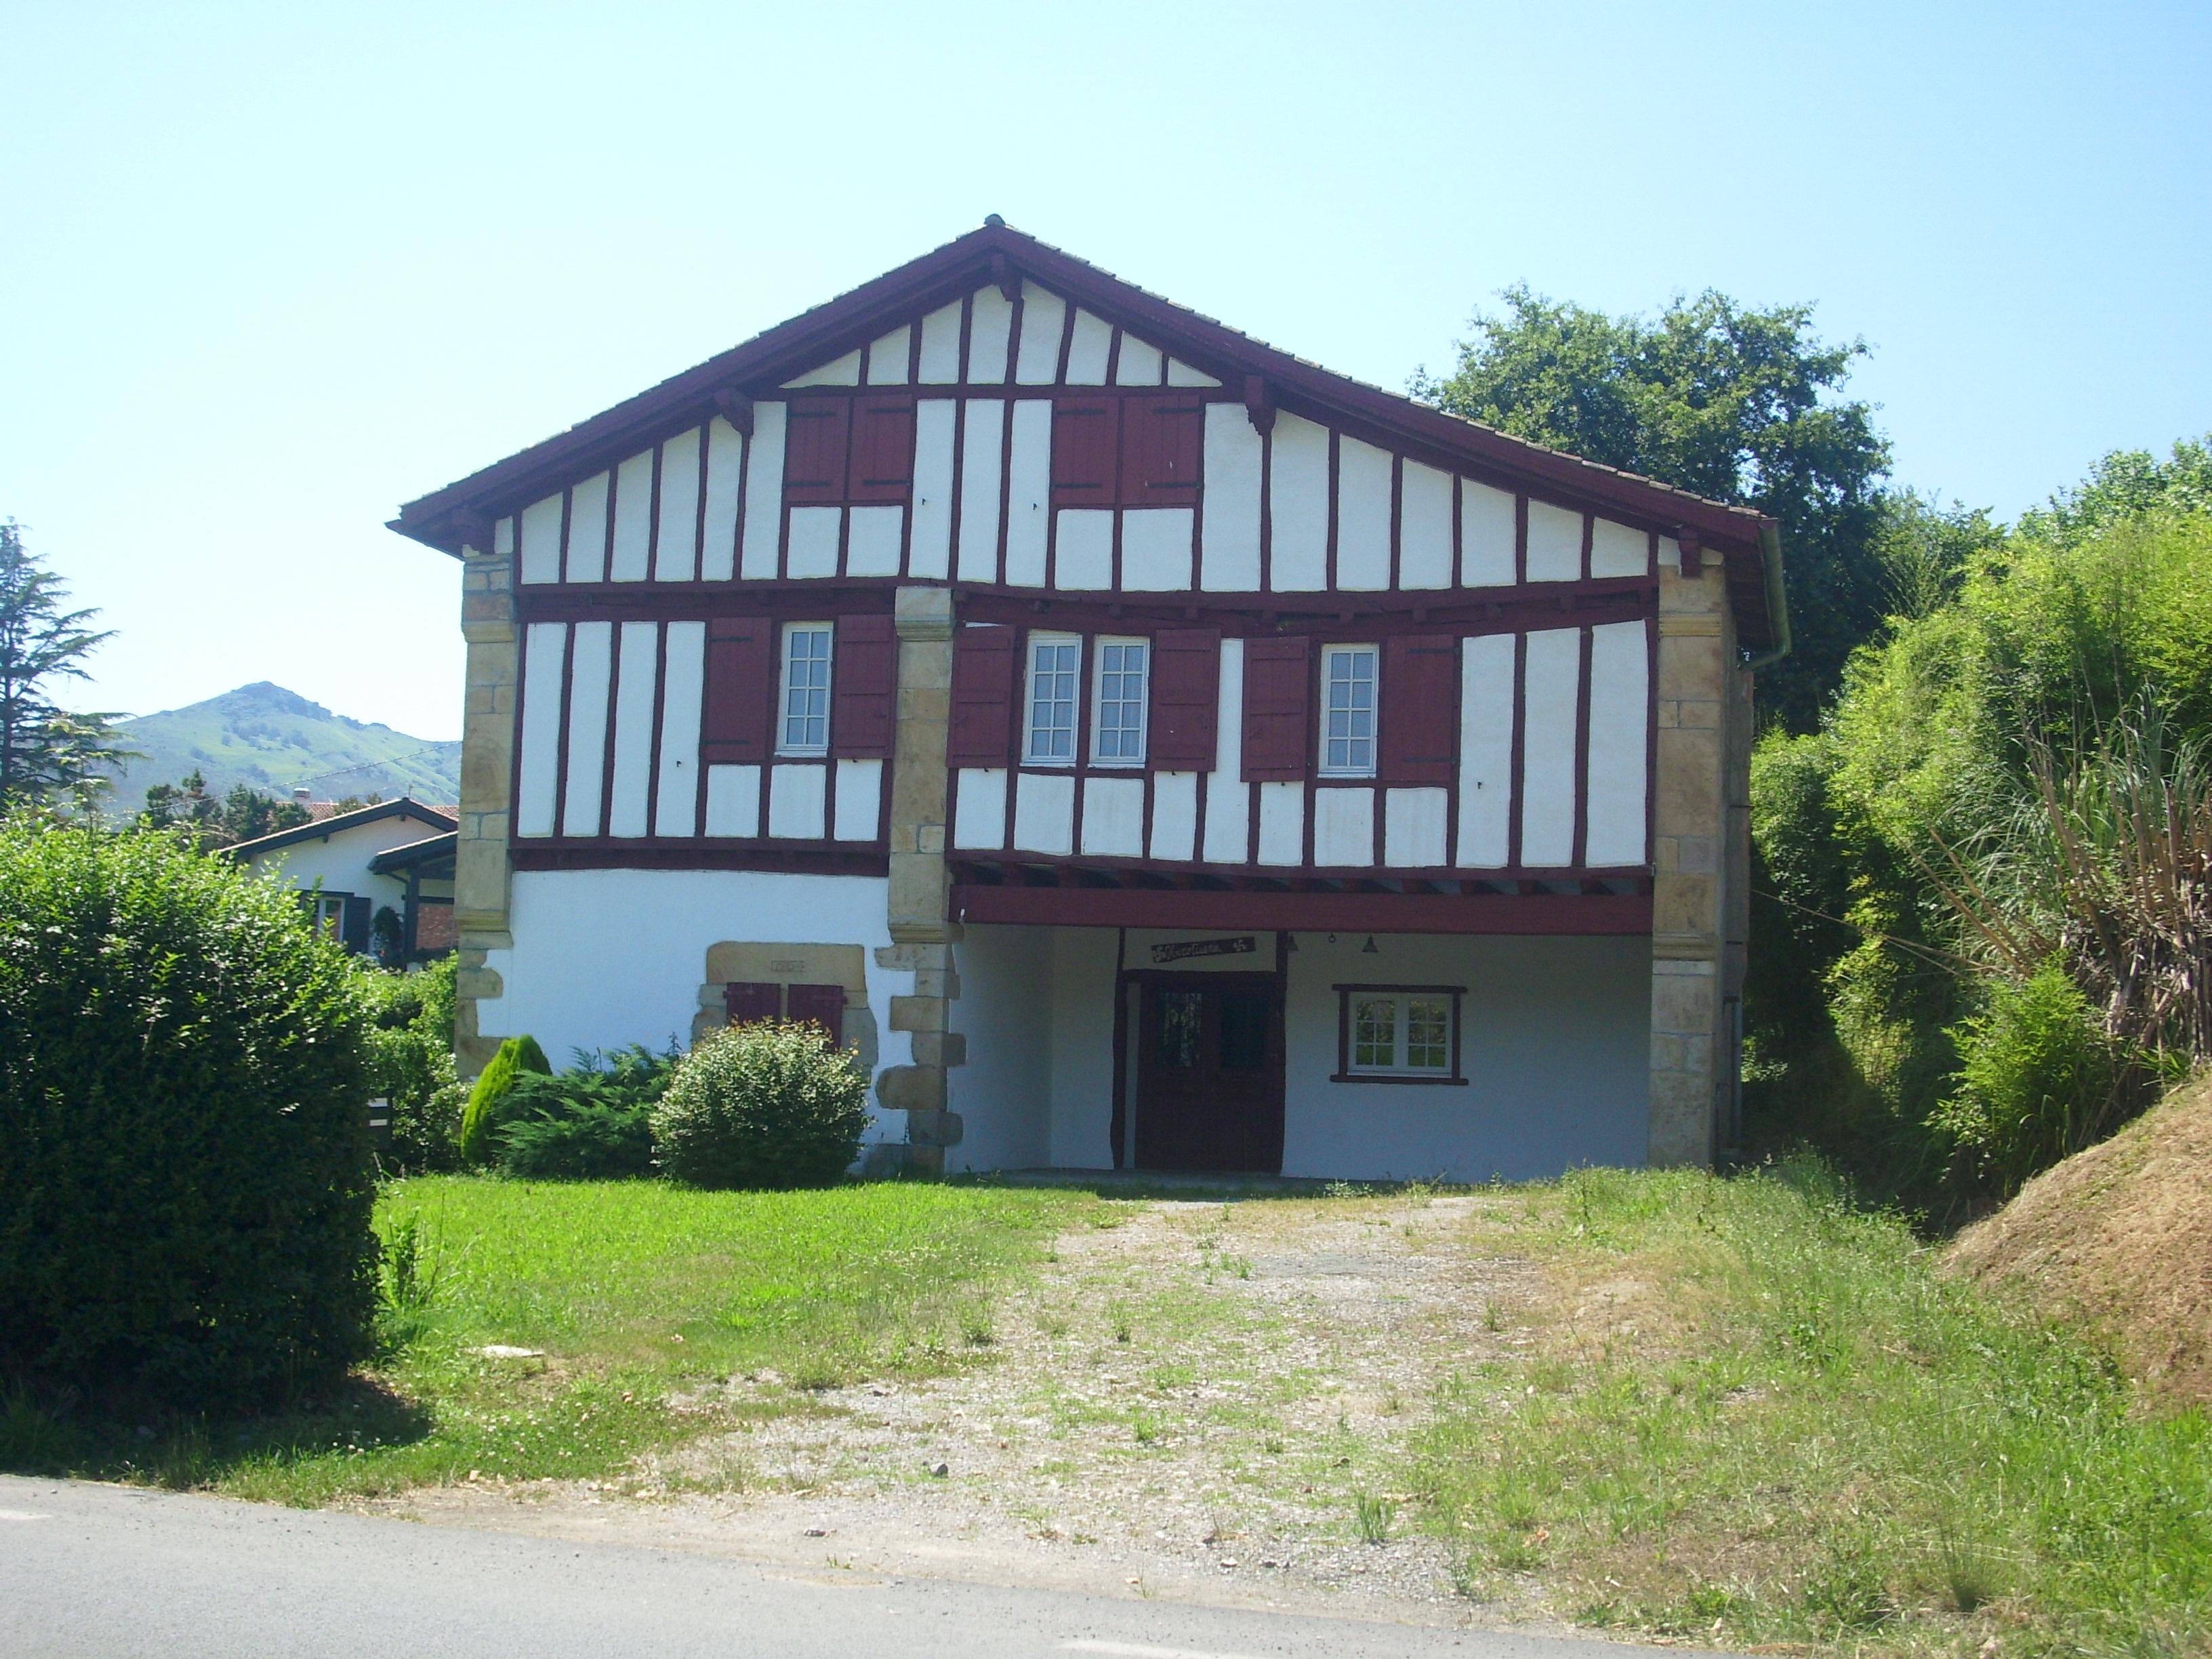 Maison typique pays basque mon quotidien maedre - Maison close pays basque ...